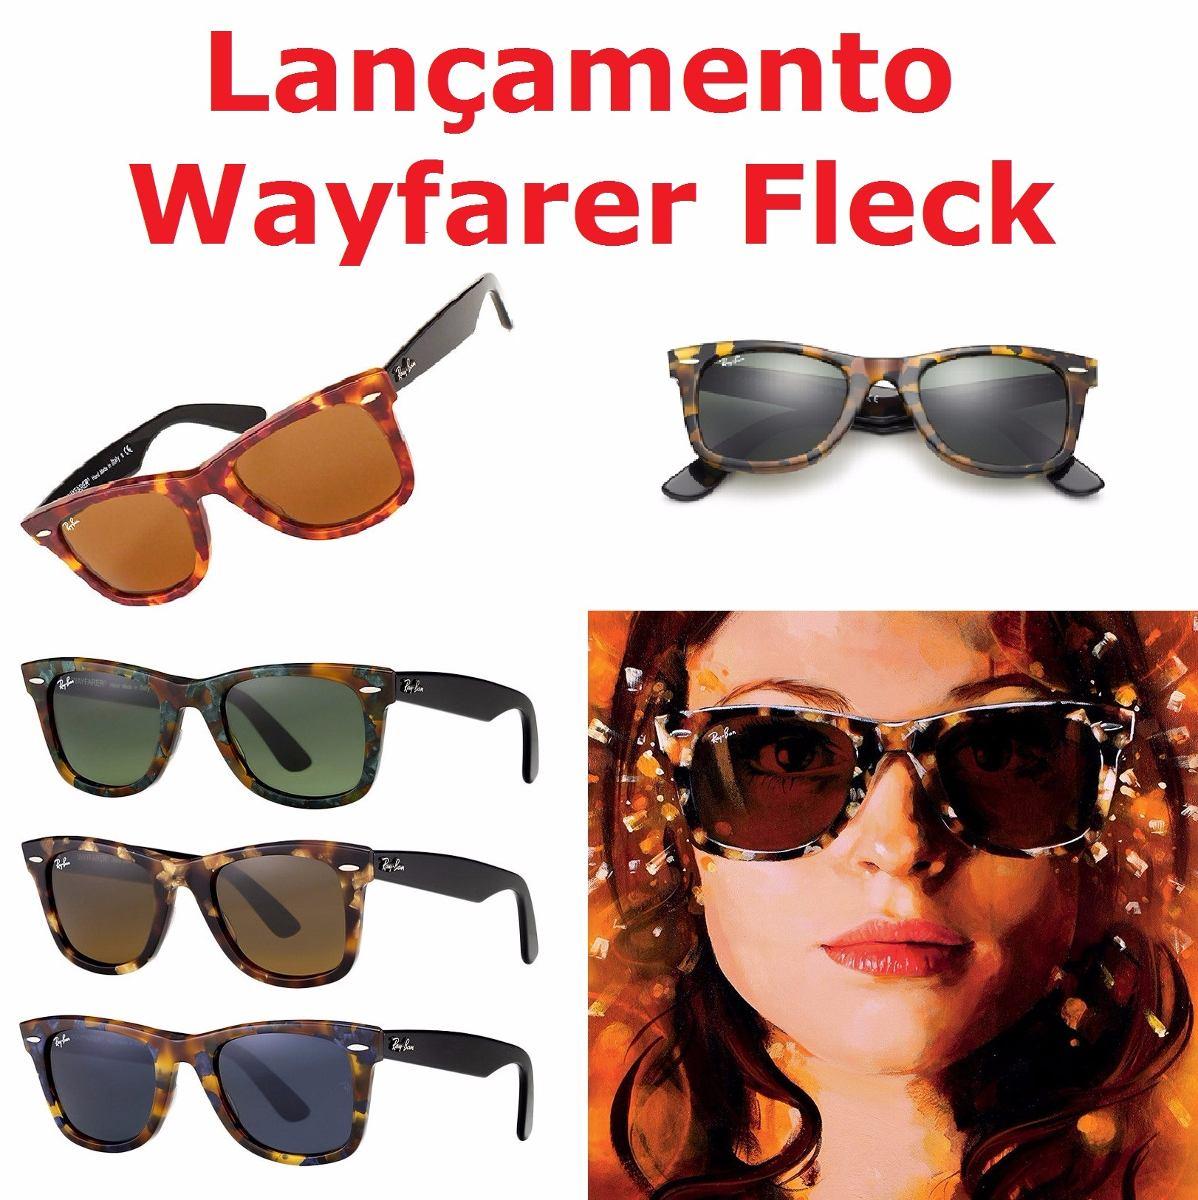 7770ff983b06f ... norway óculos sol ray ban rb2140 wayfarer fleck tartaruga 50mm m.  carregando zoom. 3ffcd